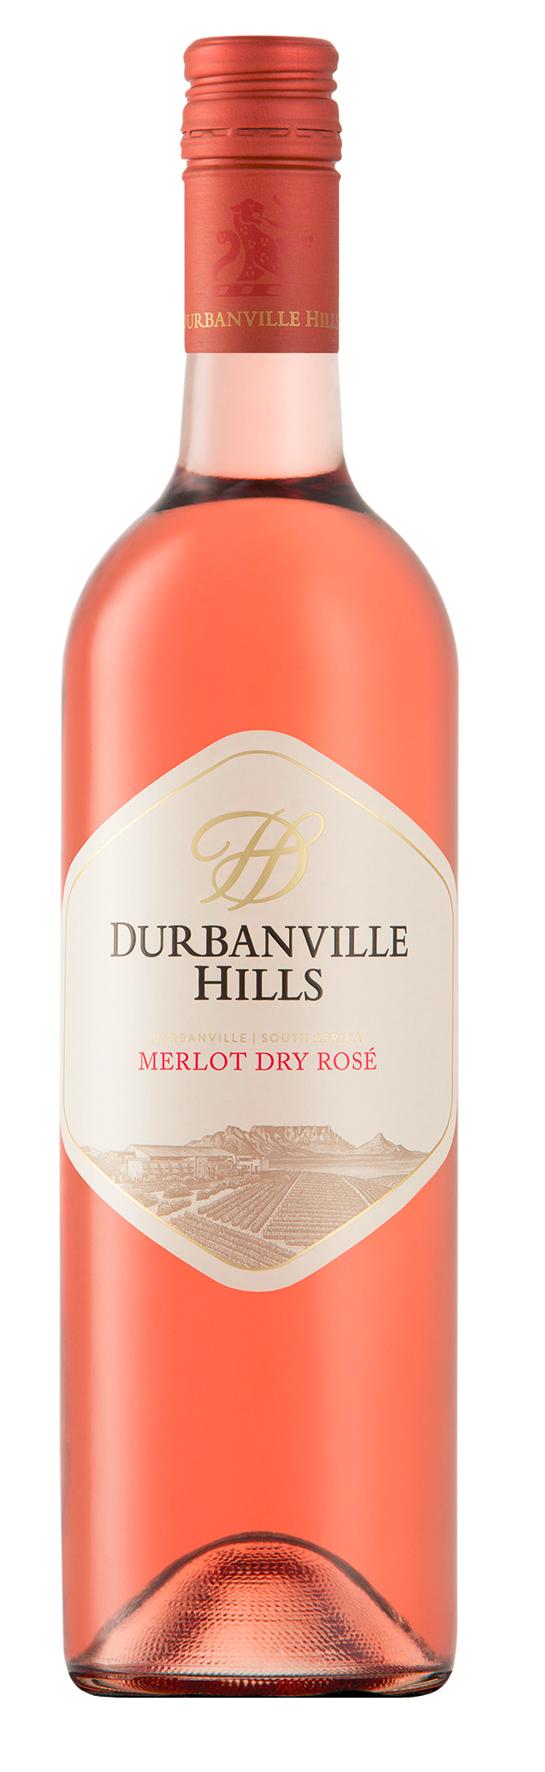 2016 Durbanville Hills Merlot Rose